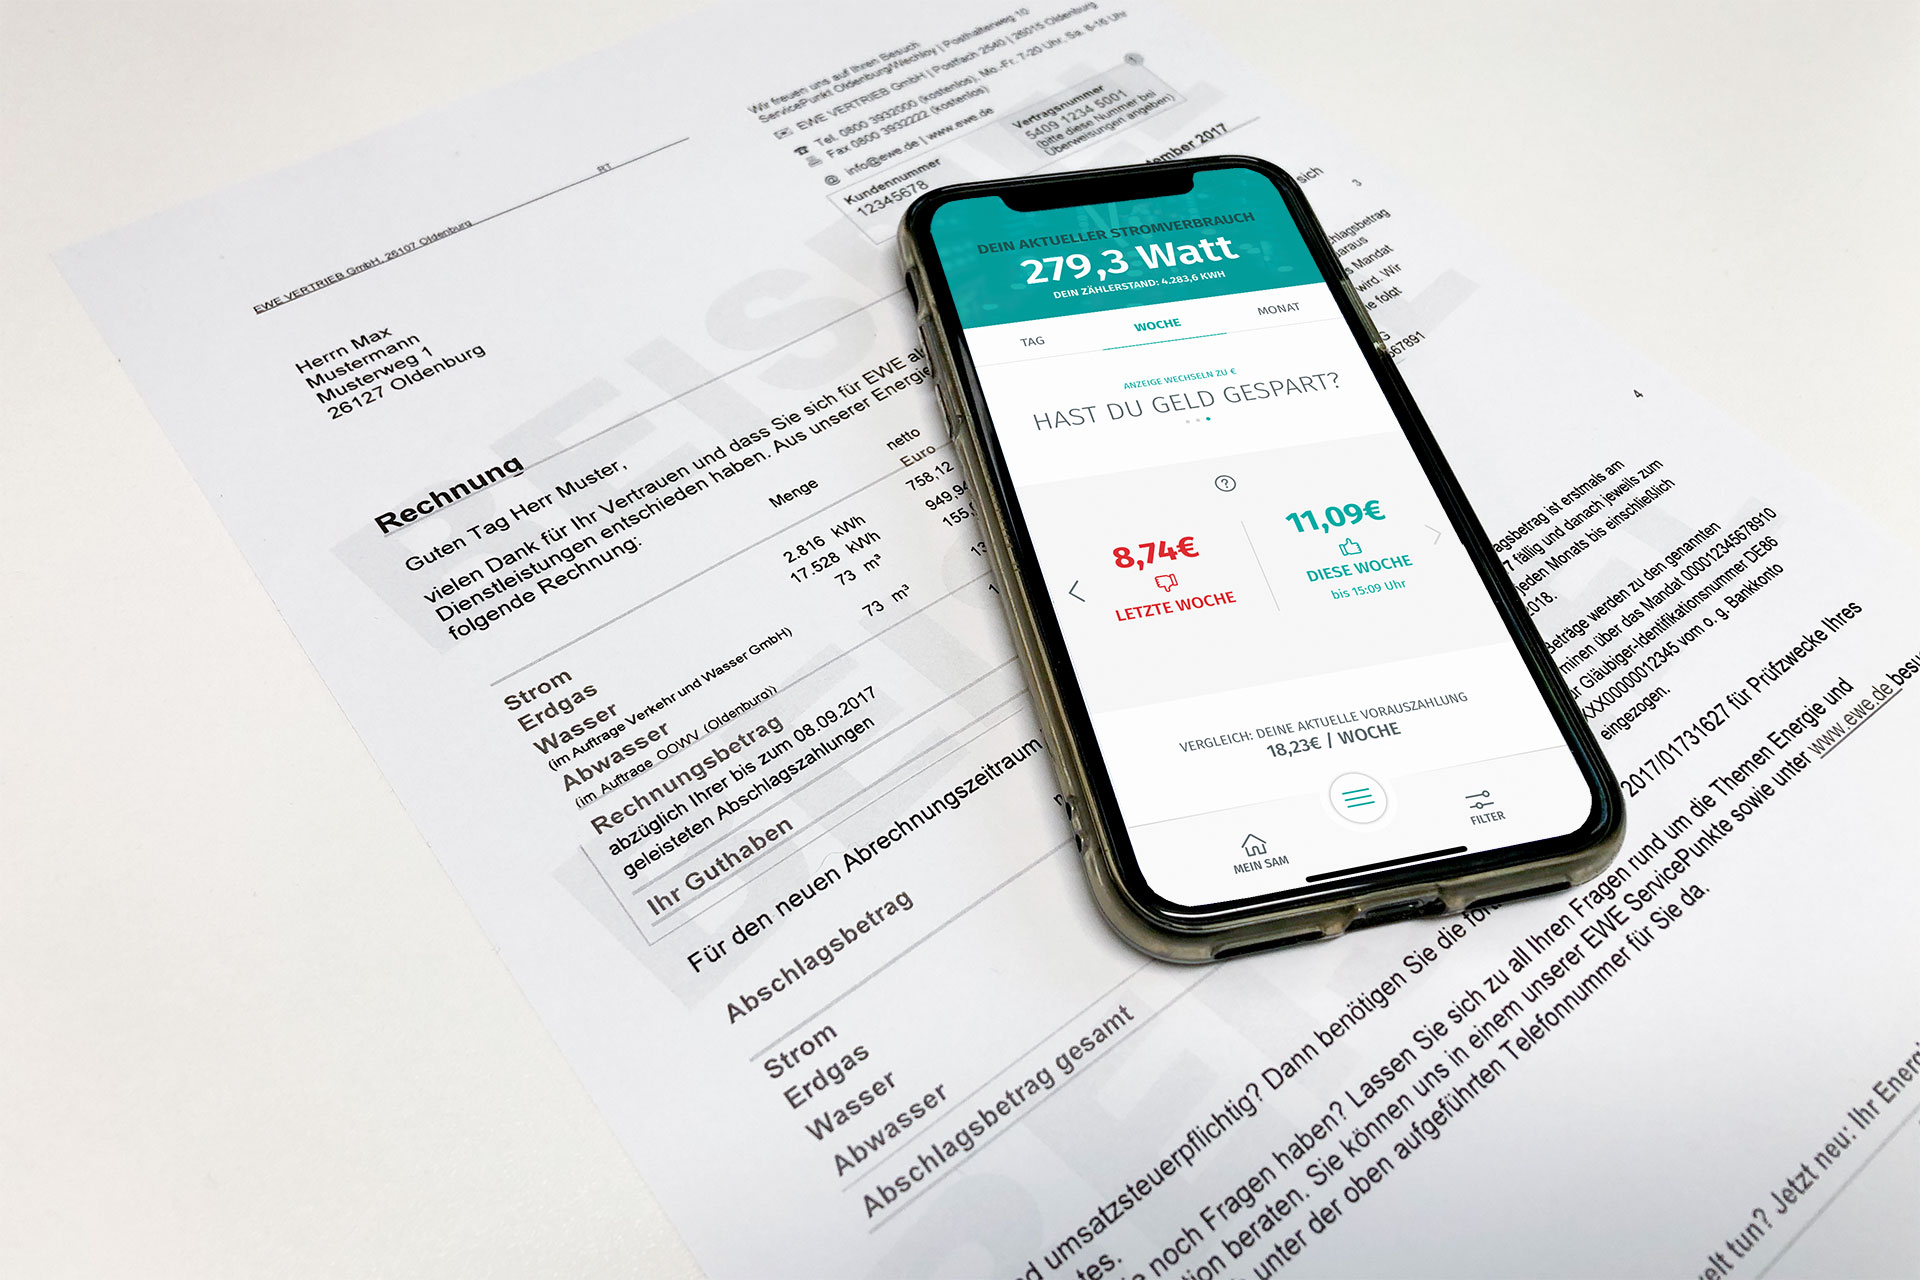 Stromabschlag berechnen mit enera App